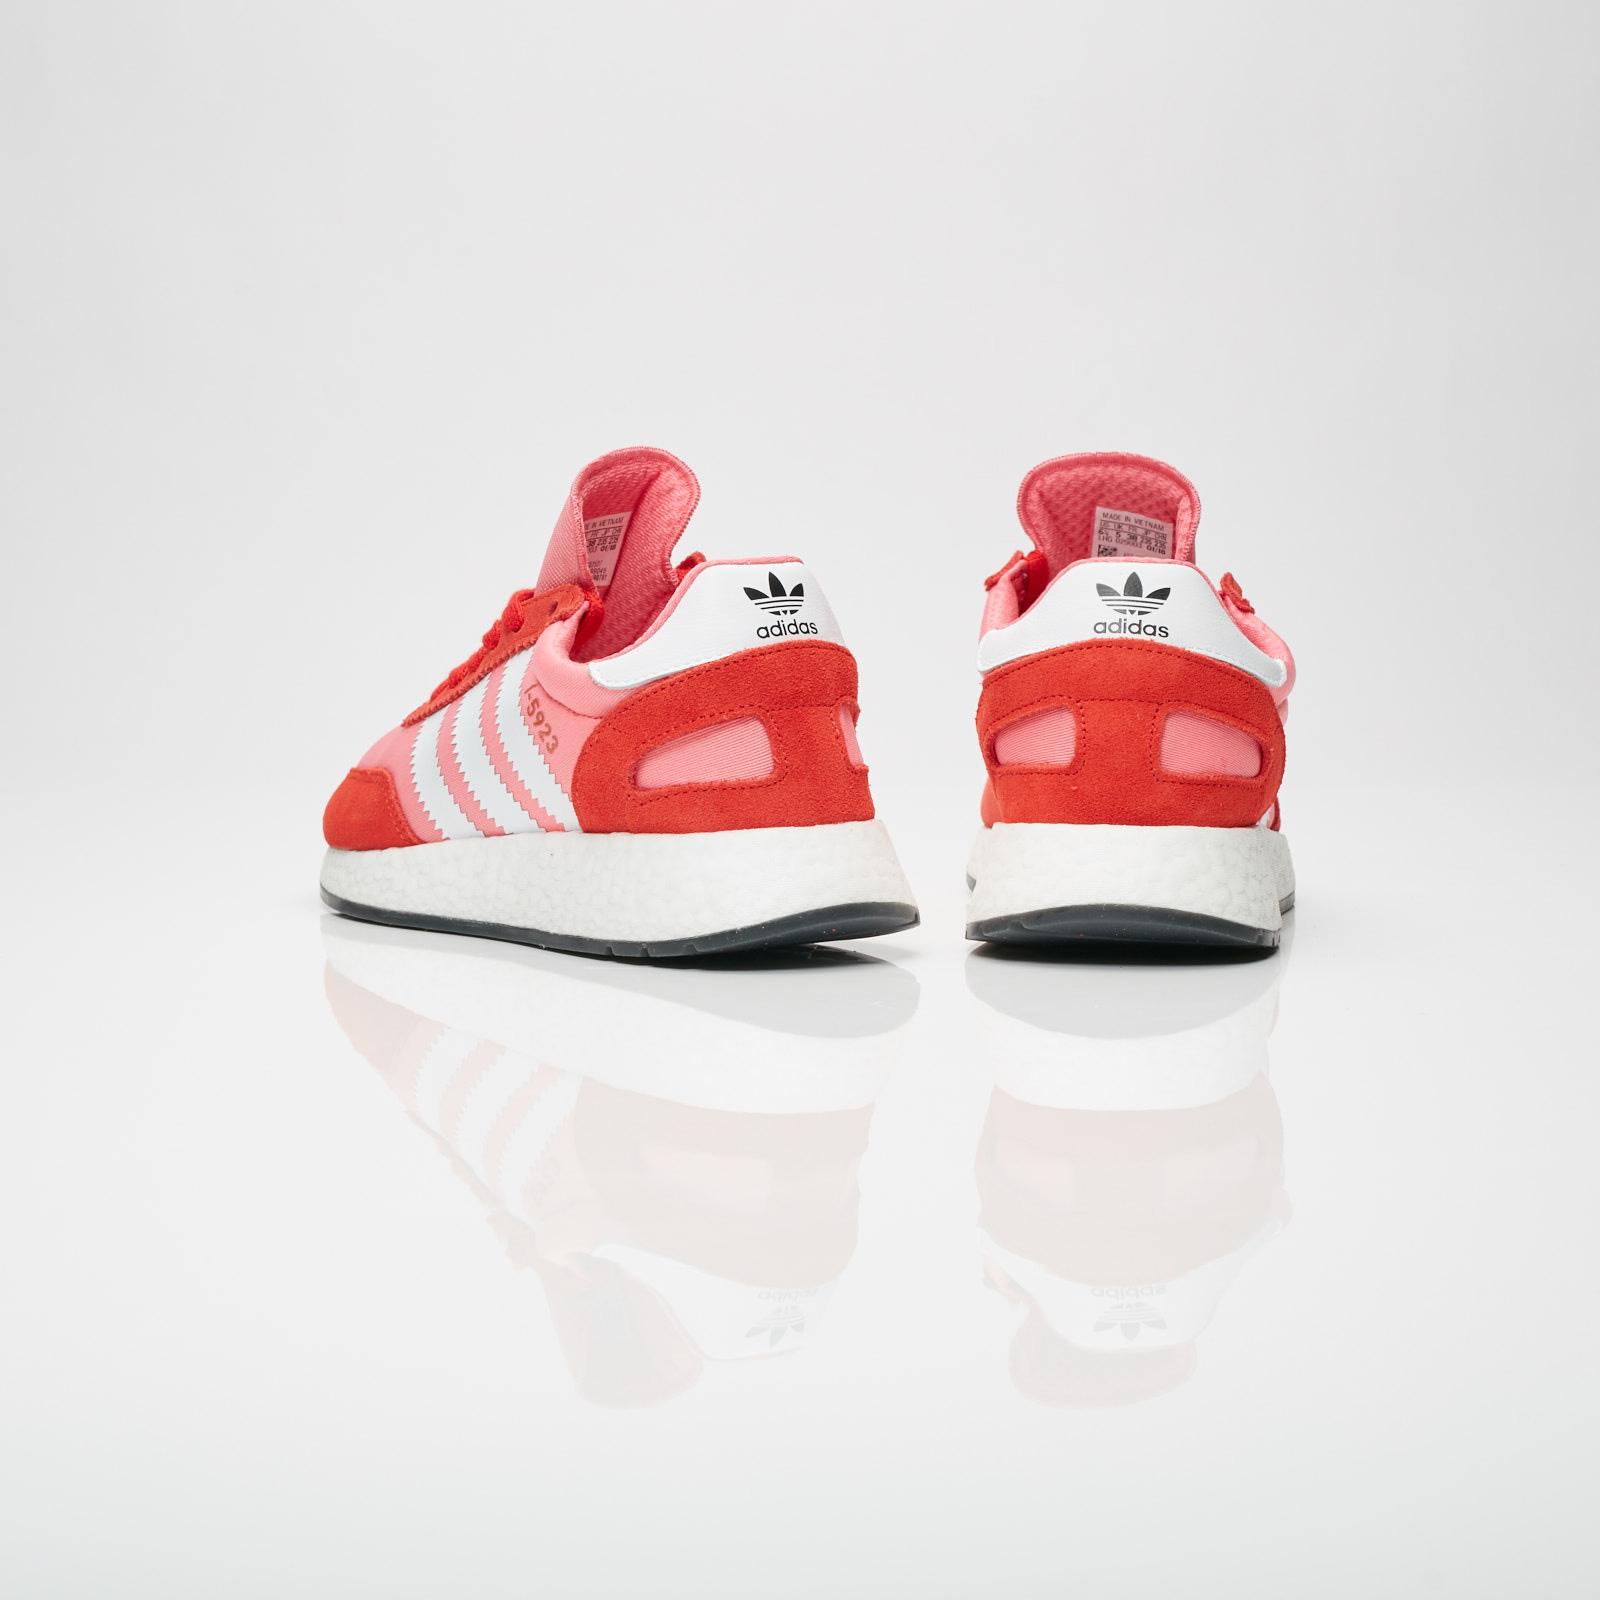 huge discount f36d9 c41f4 ... adidas Originals I-5923 W ...